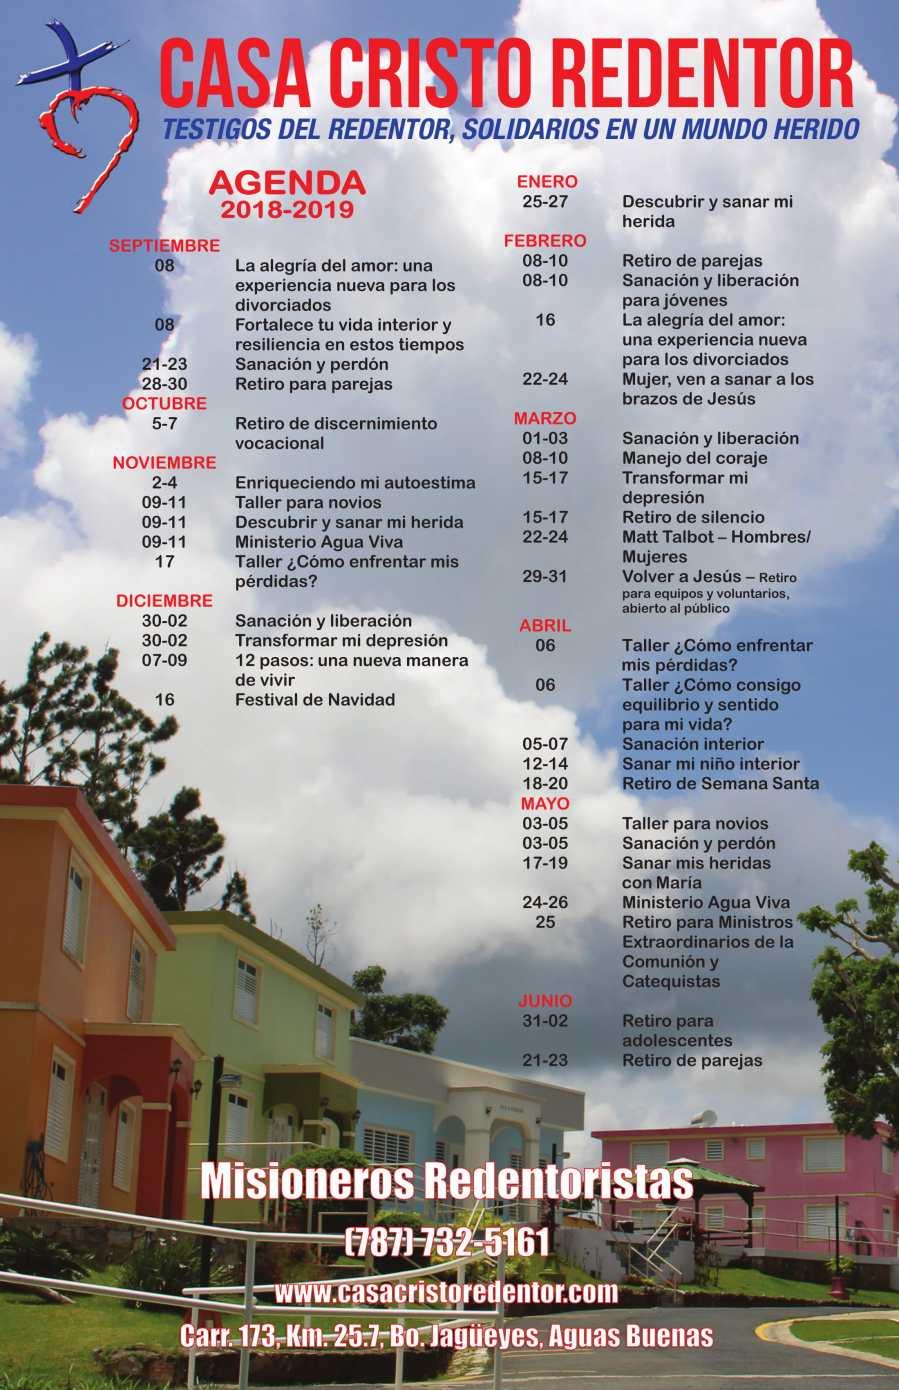 22658-Casa Cristo Redentor poster r1-1